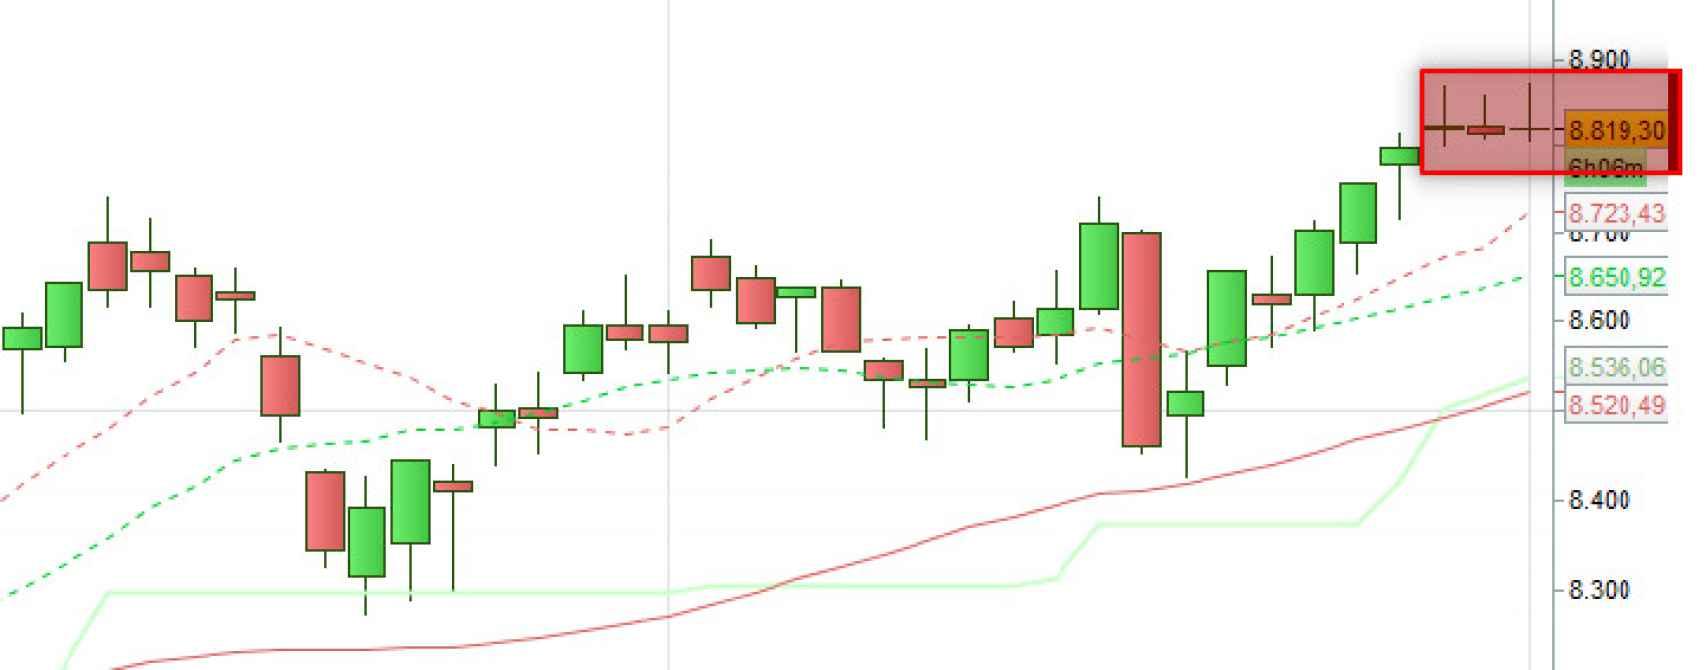 Gráfico de velas del Ibex 35